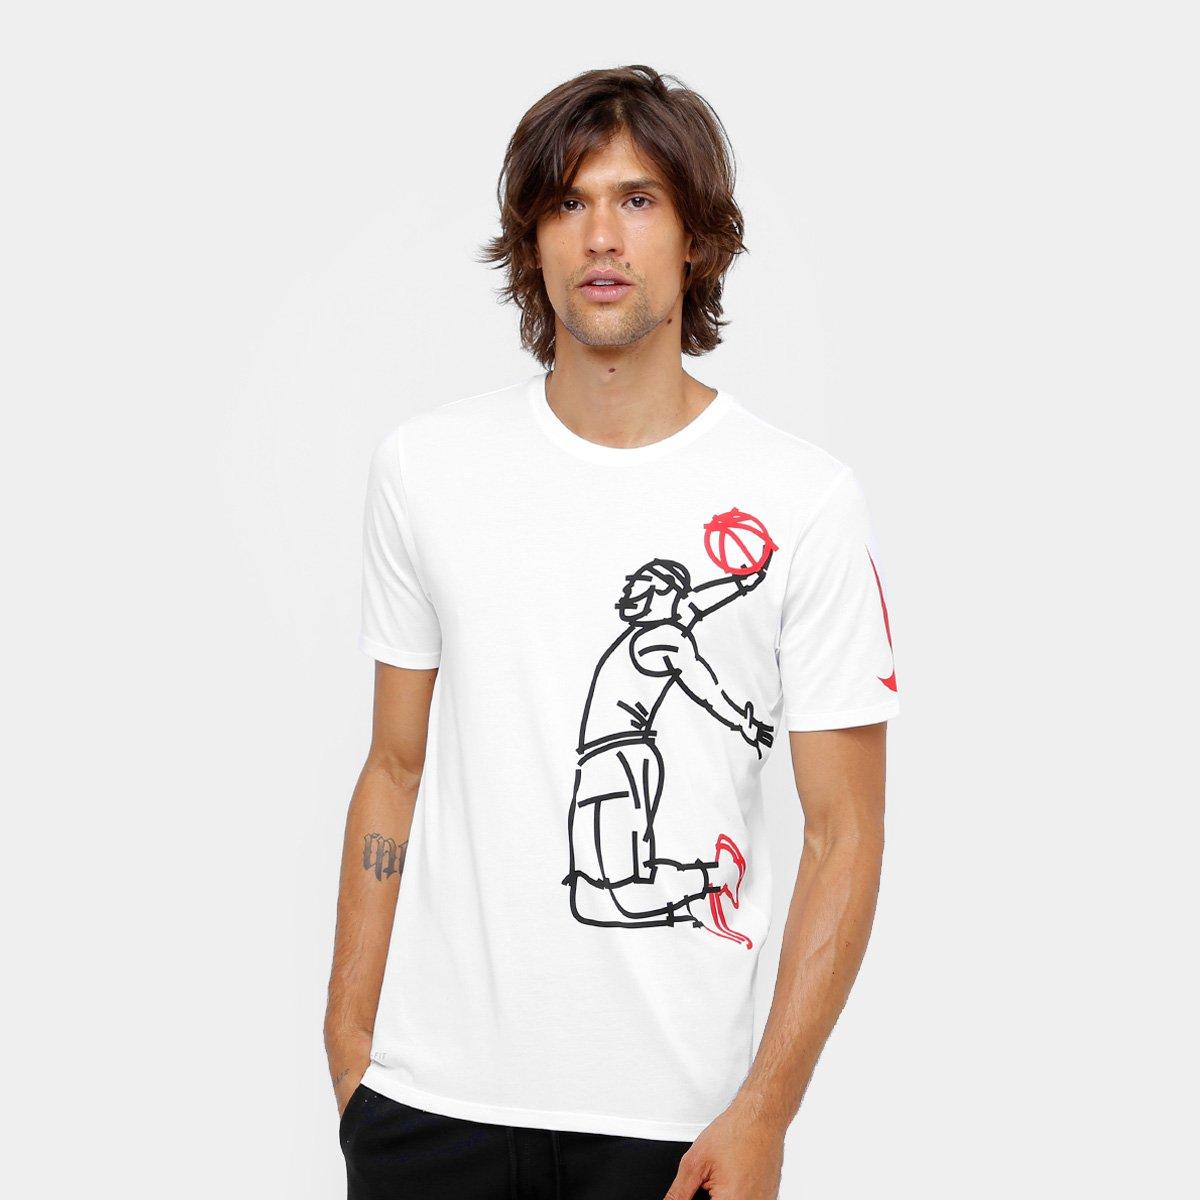 7ae1754eef Camiseta Lebron James Nike NBA Famous Masculina - Compre Agora ...